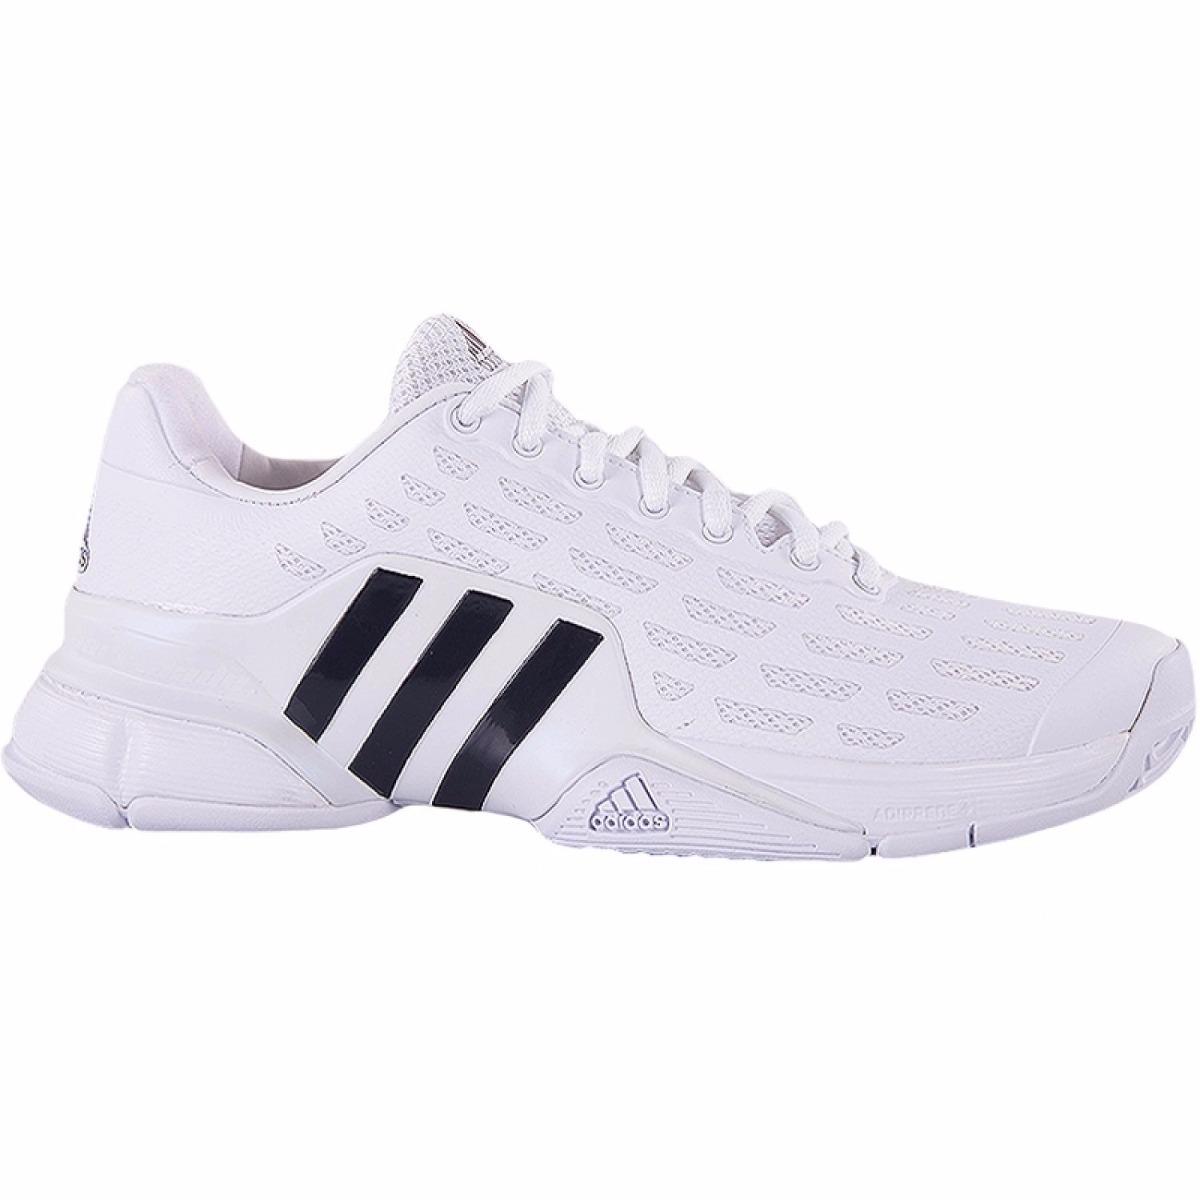 71c1b7abe74ce tenis adidas barricade 9 modelo 2016 djokovic murray blanco. Cargando zoom.